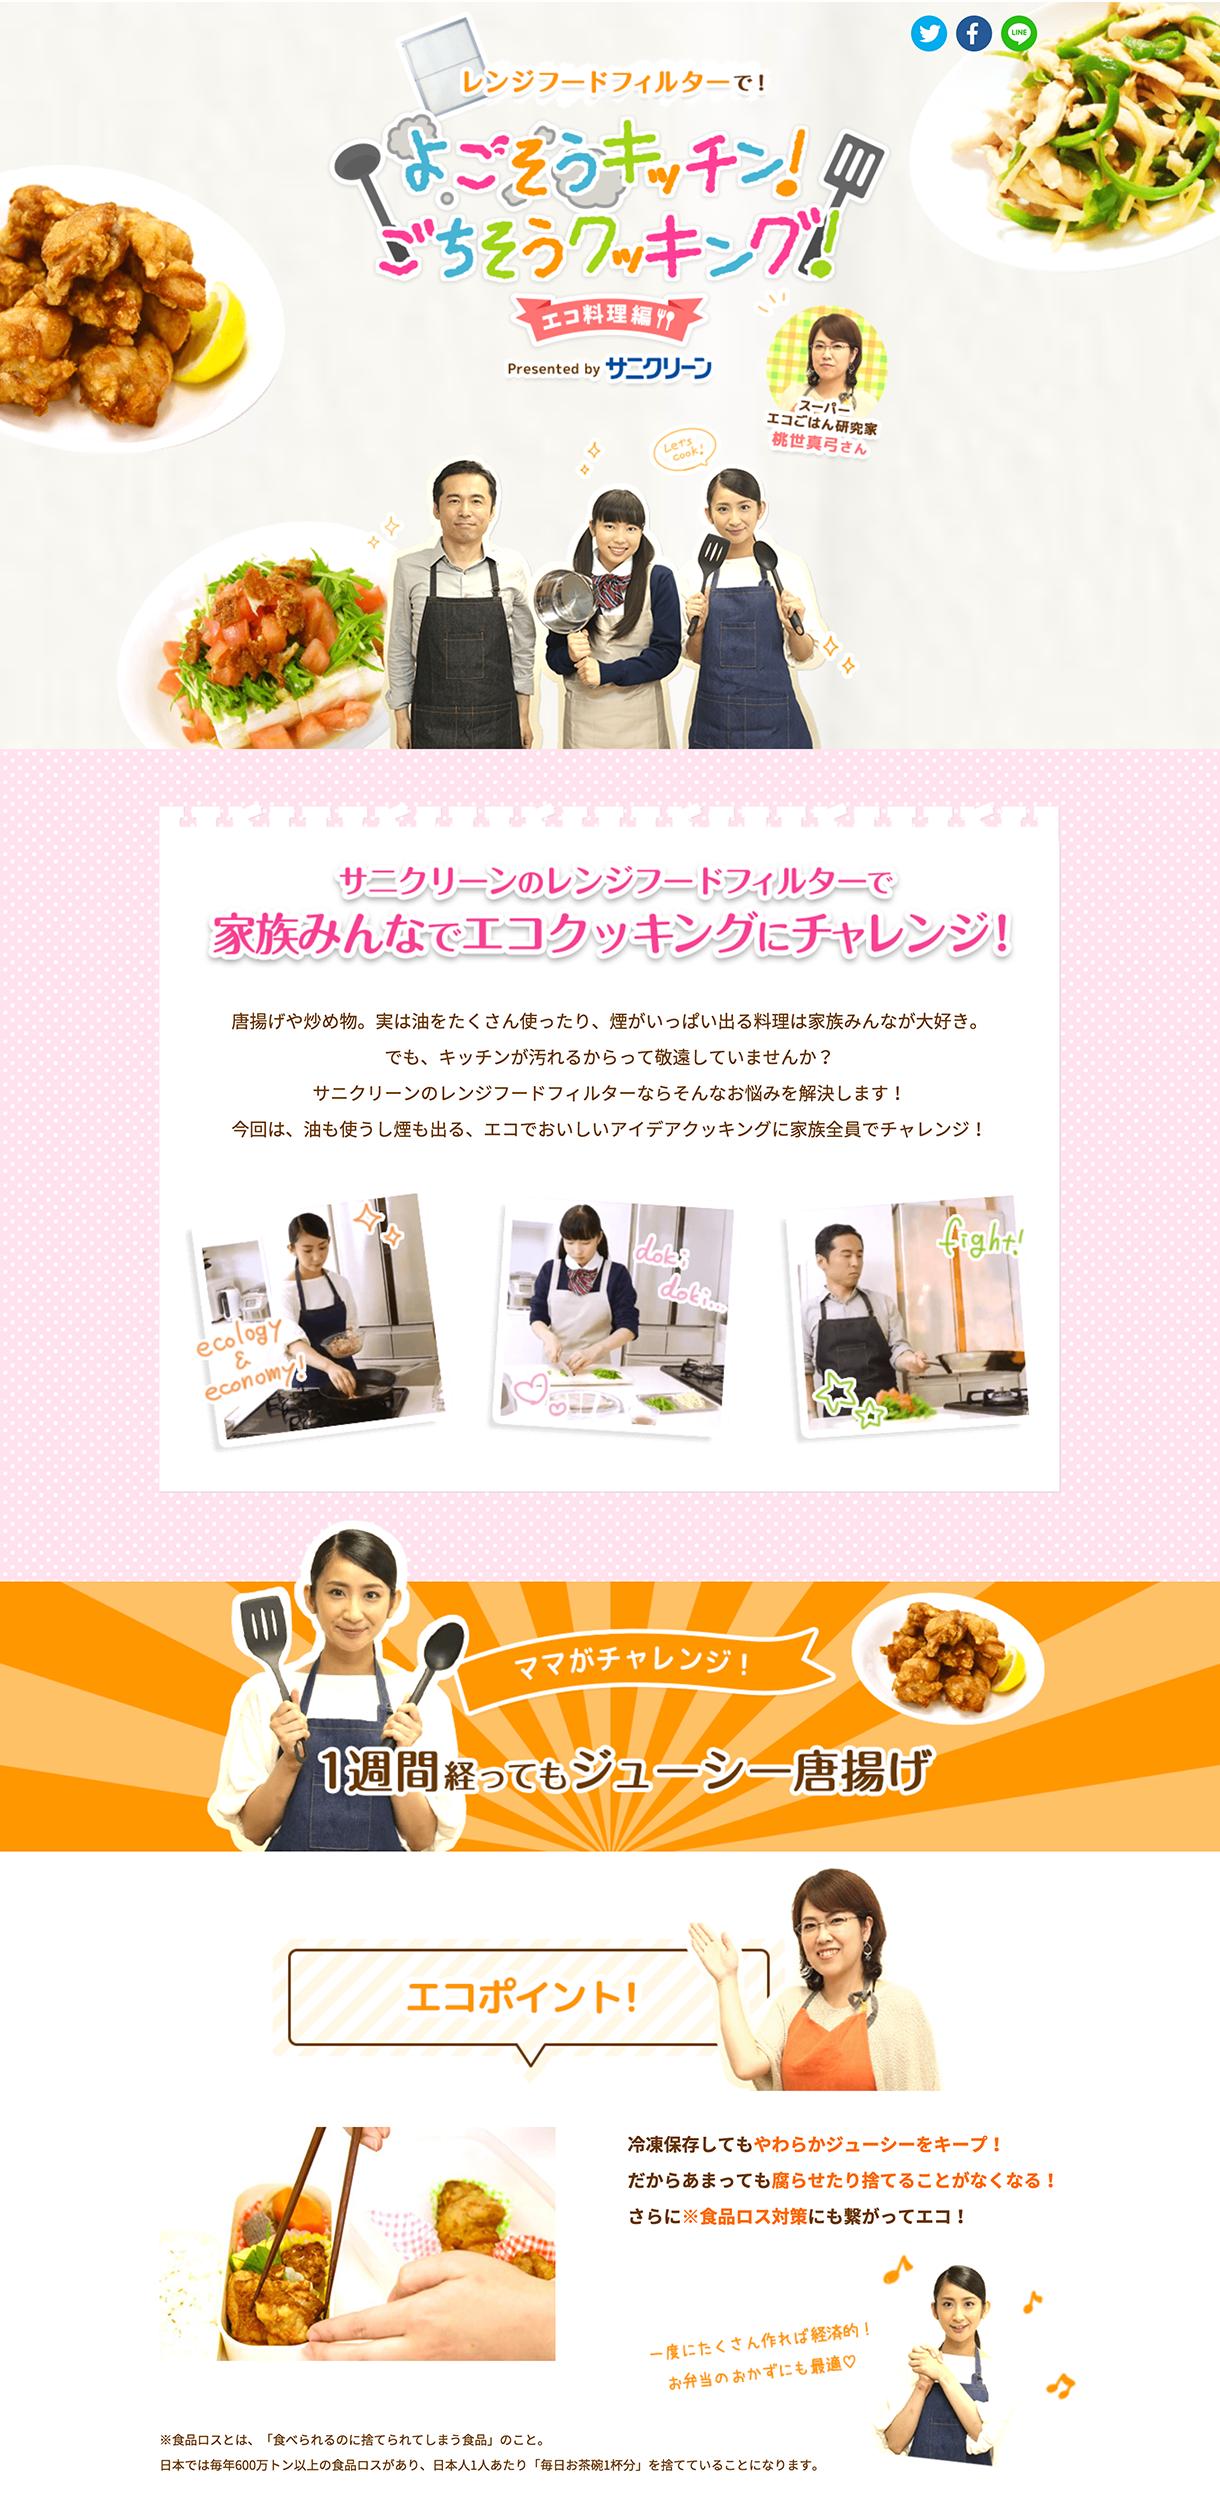 よごそうキッチン!ごちそうクッキング エコ料理編